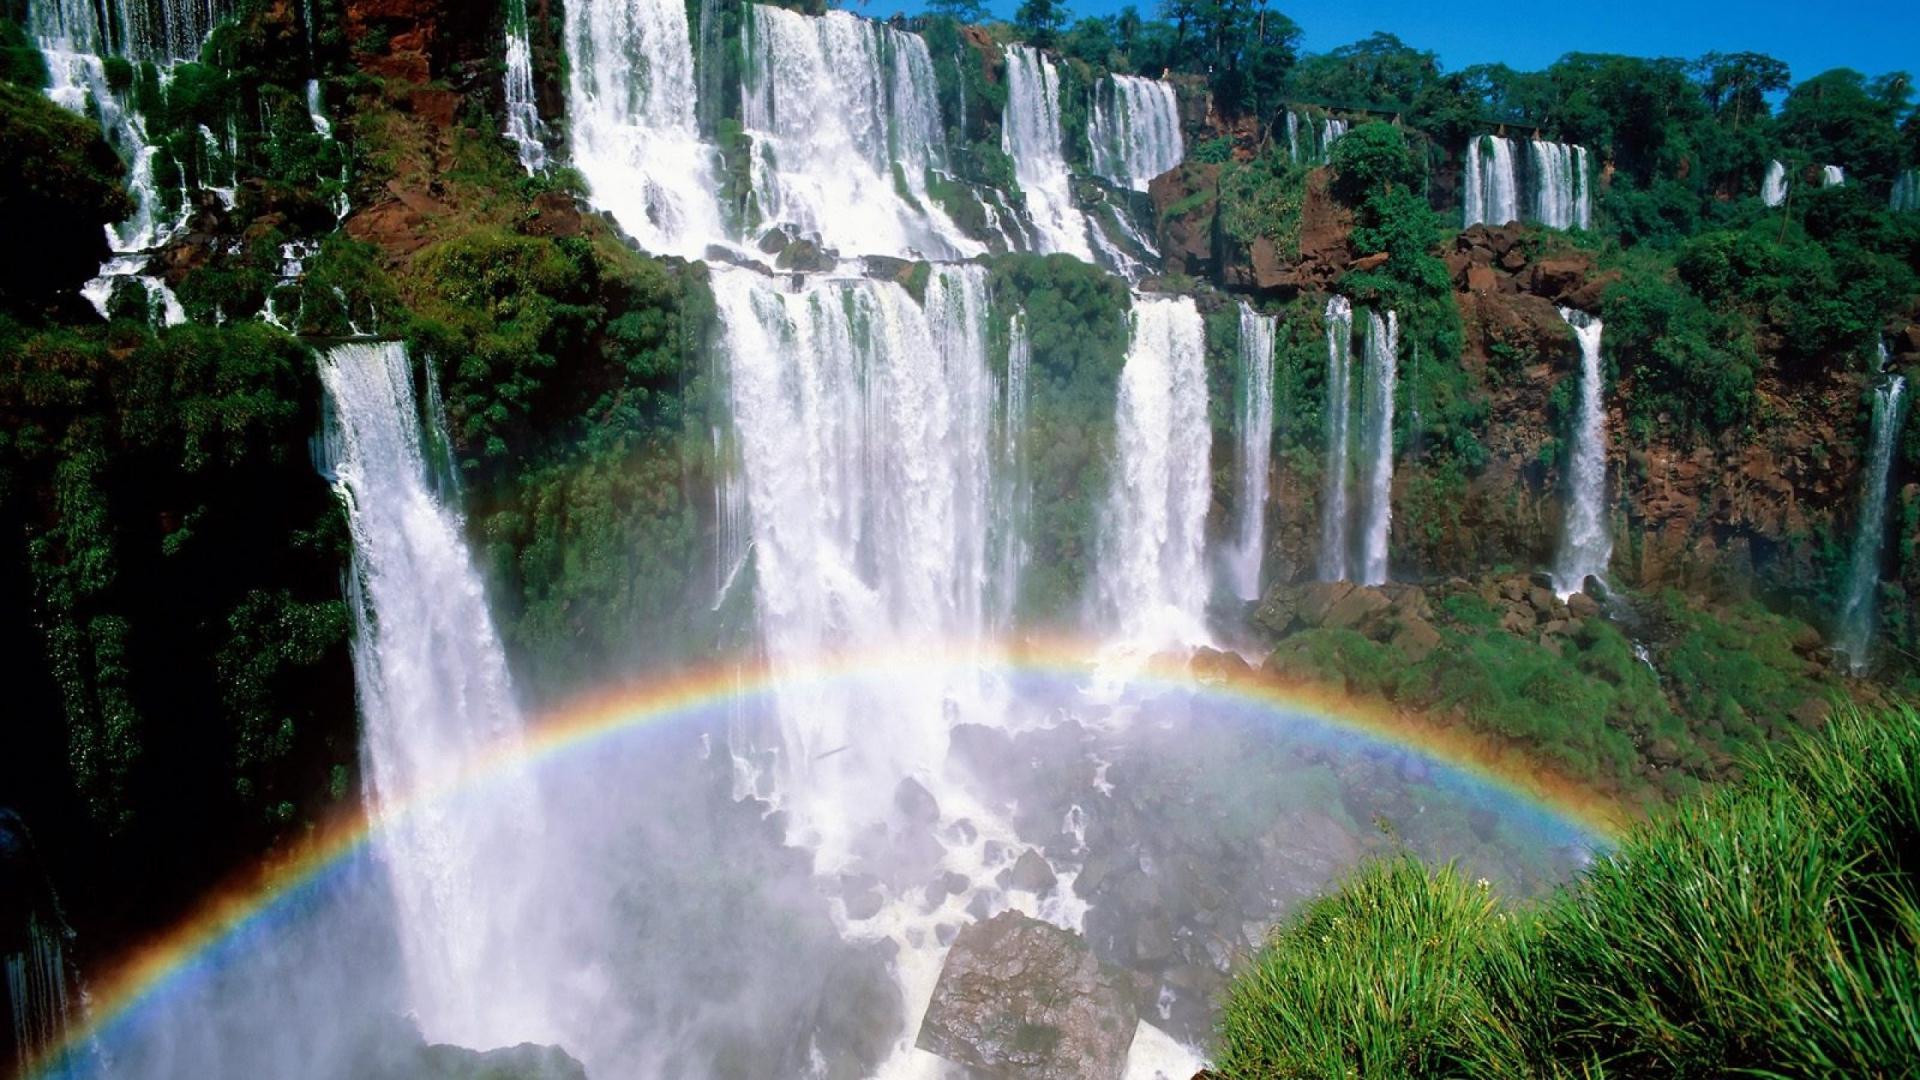 Rainbow Under A Waterfall Desktop Wallpapers 1920x1080